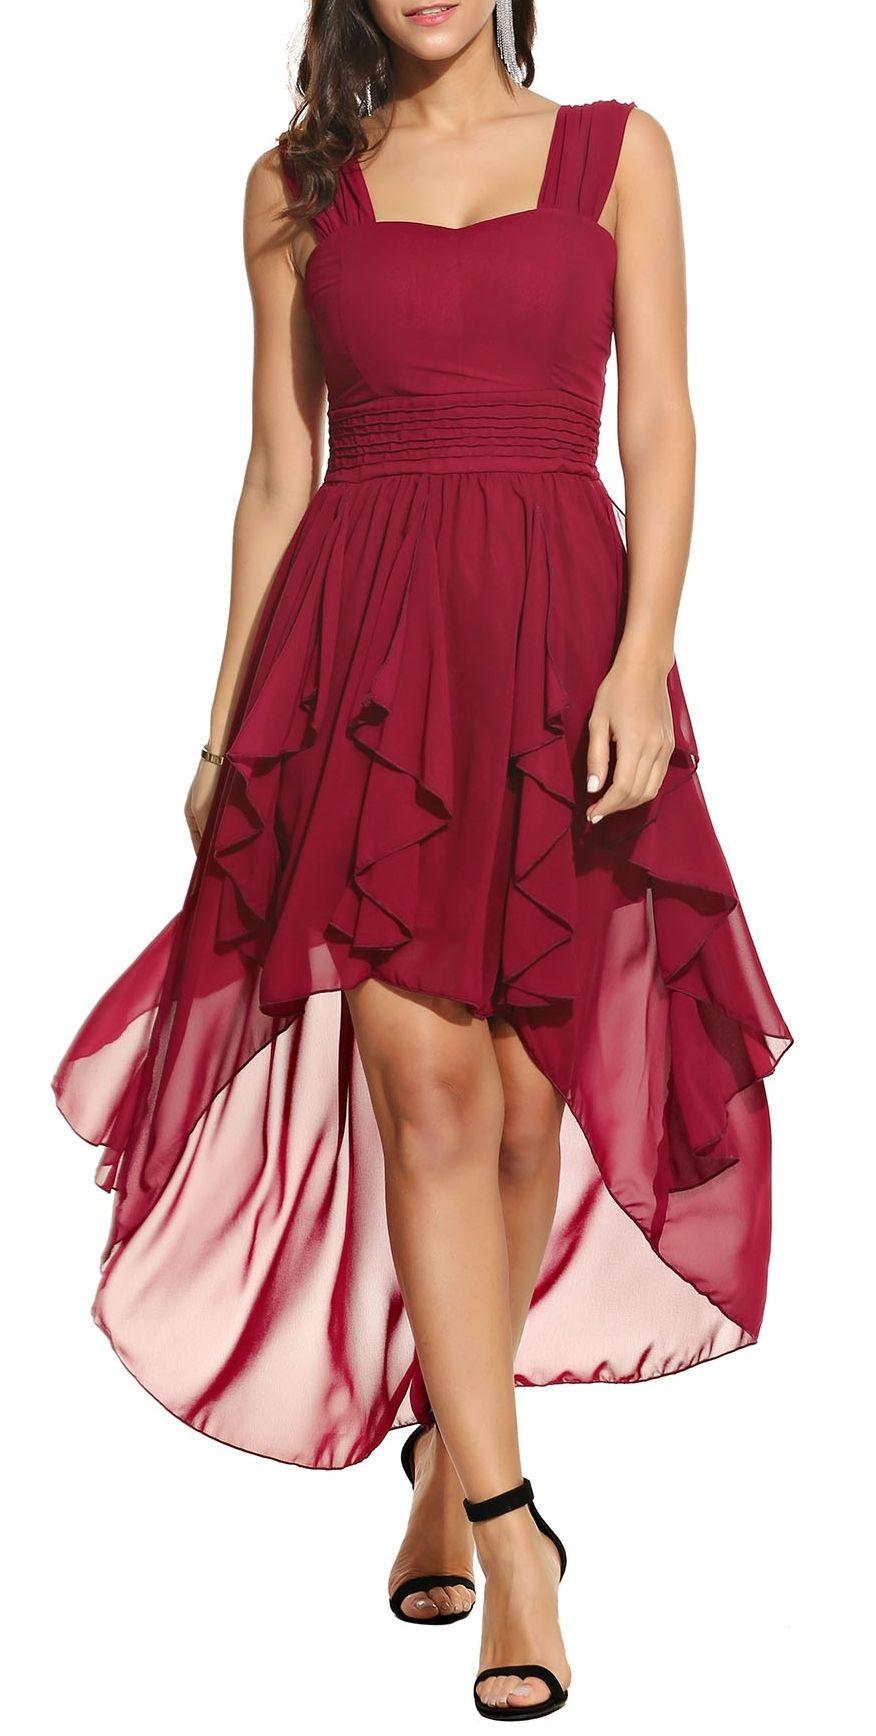 Beyove Damen Chiffonkleid Abendkleid Knielang Elegant